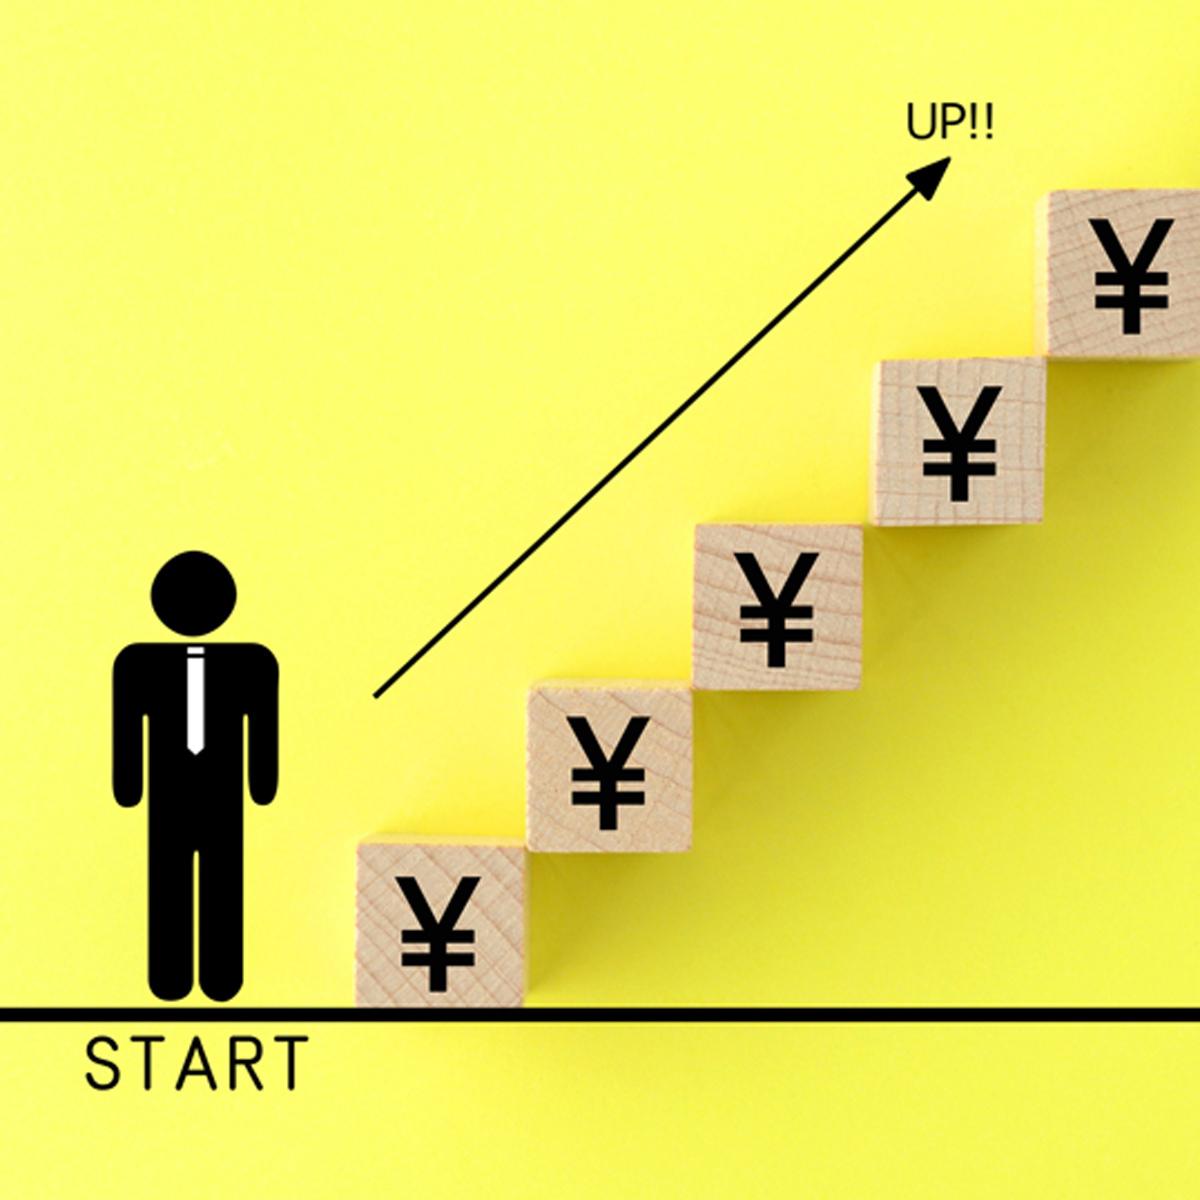 コロナショックに負けずに資産を増やす! 今こそ「積立投資」の魅力を知ろう